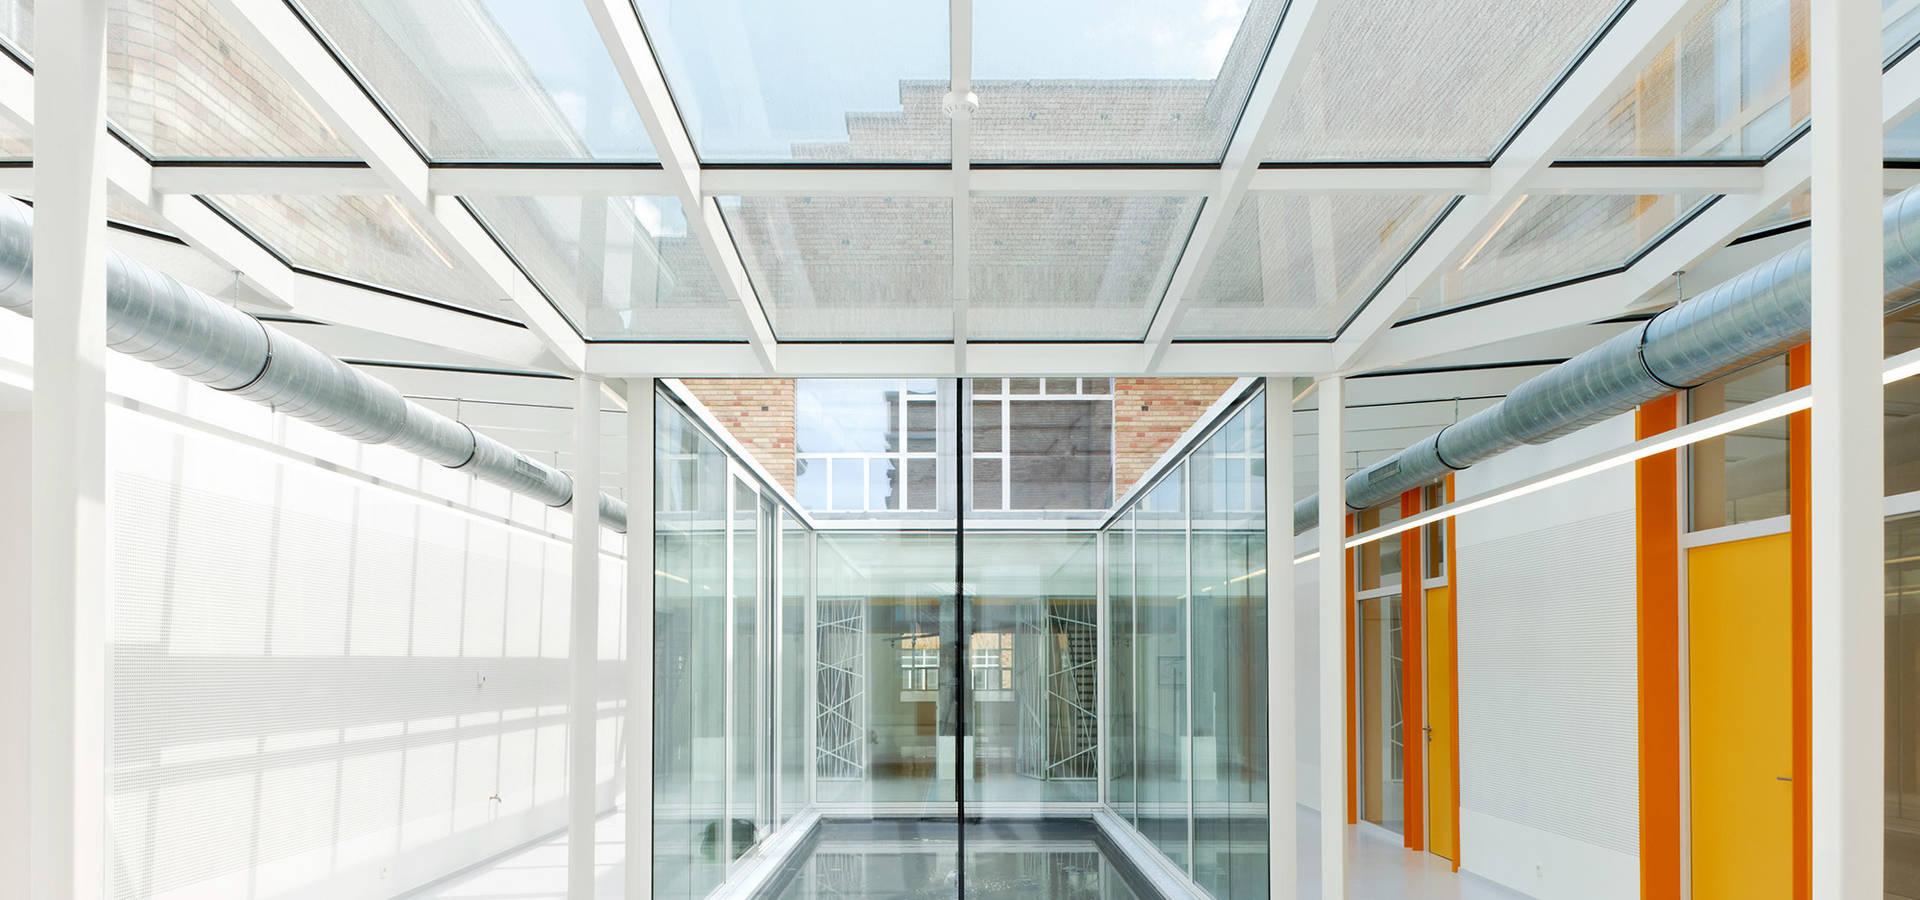 BAEB—Bureau d'architecture Emmanuel Bouffioux